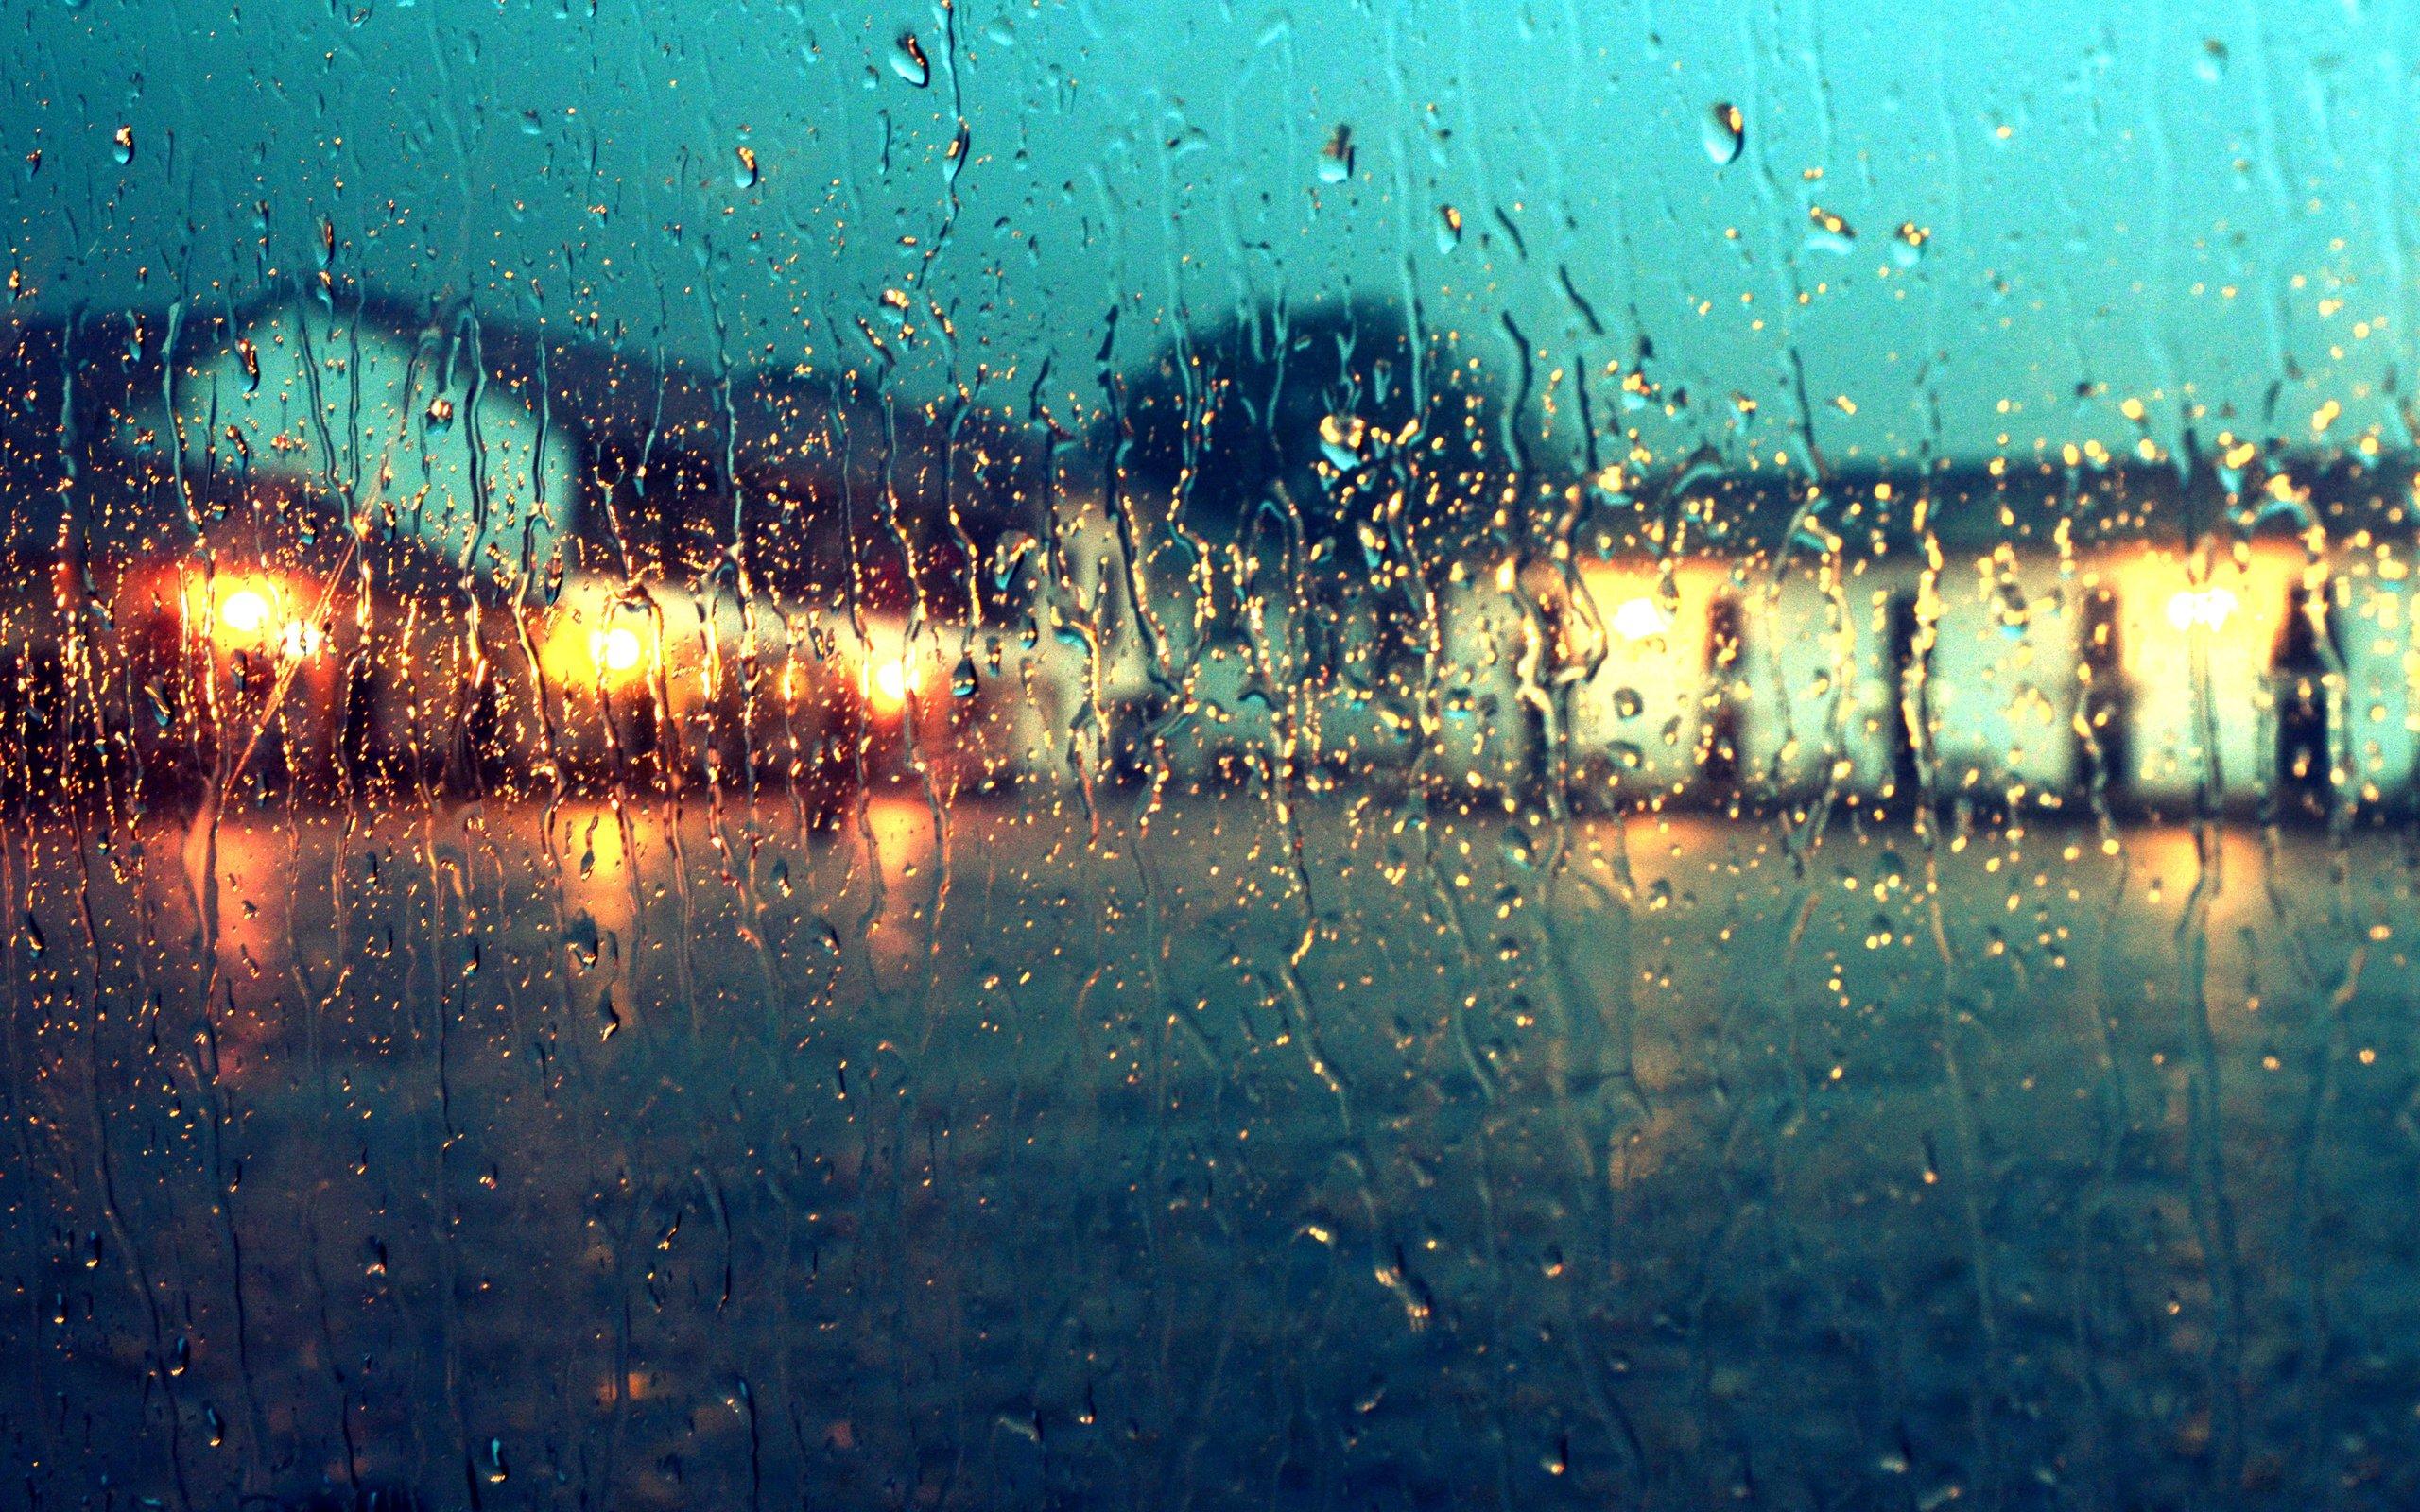 костюм гармонирует фотографирование через мокрое стекло несмотря это